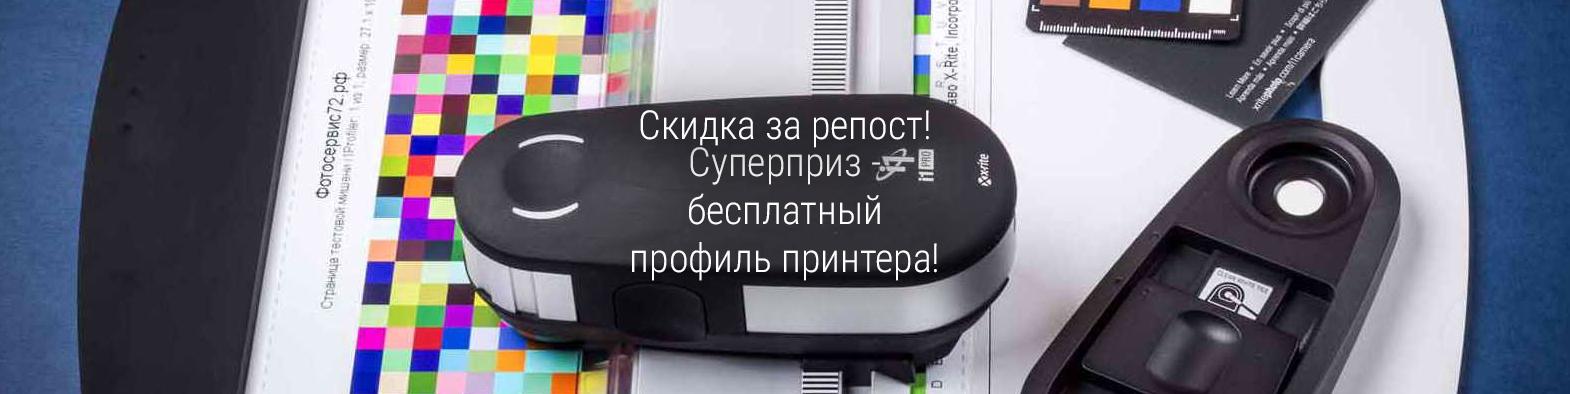 Скидка за репост   Суперприз - бесплатный профиль принтера